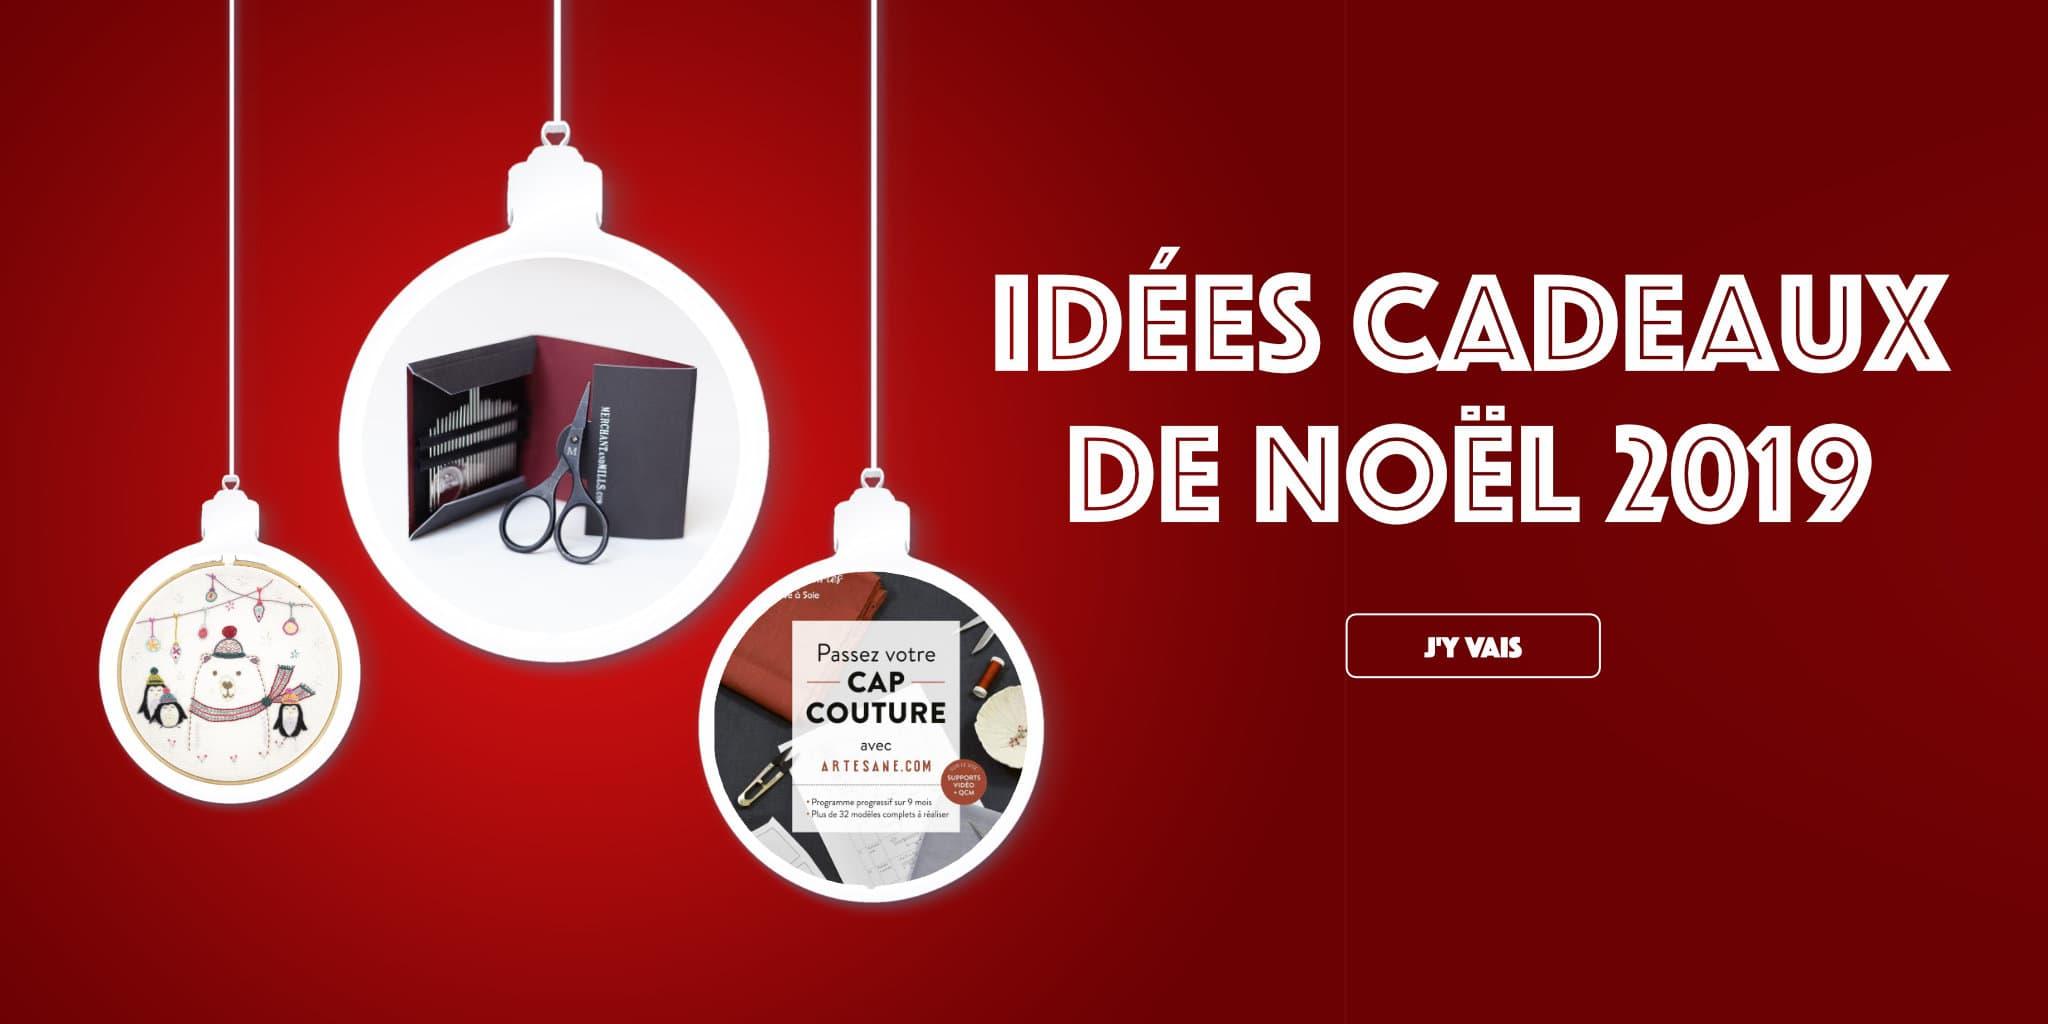 Christmas Idees Cadeaux de Noel 2019 @ Coup de coudre